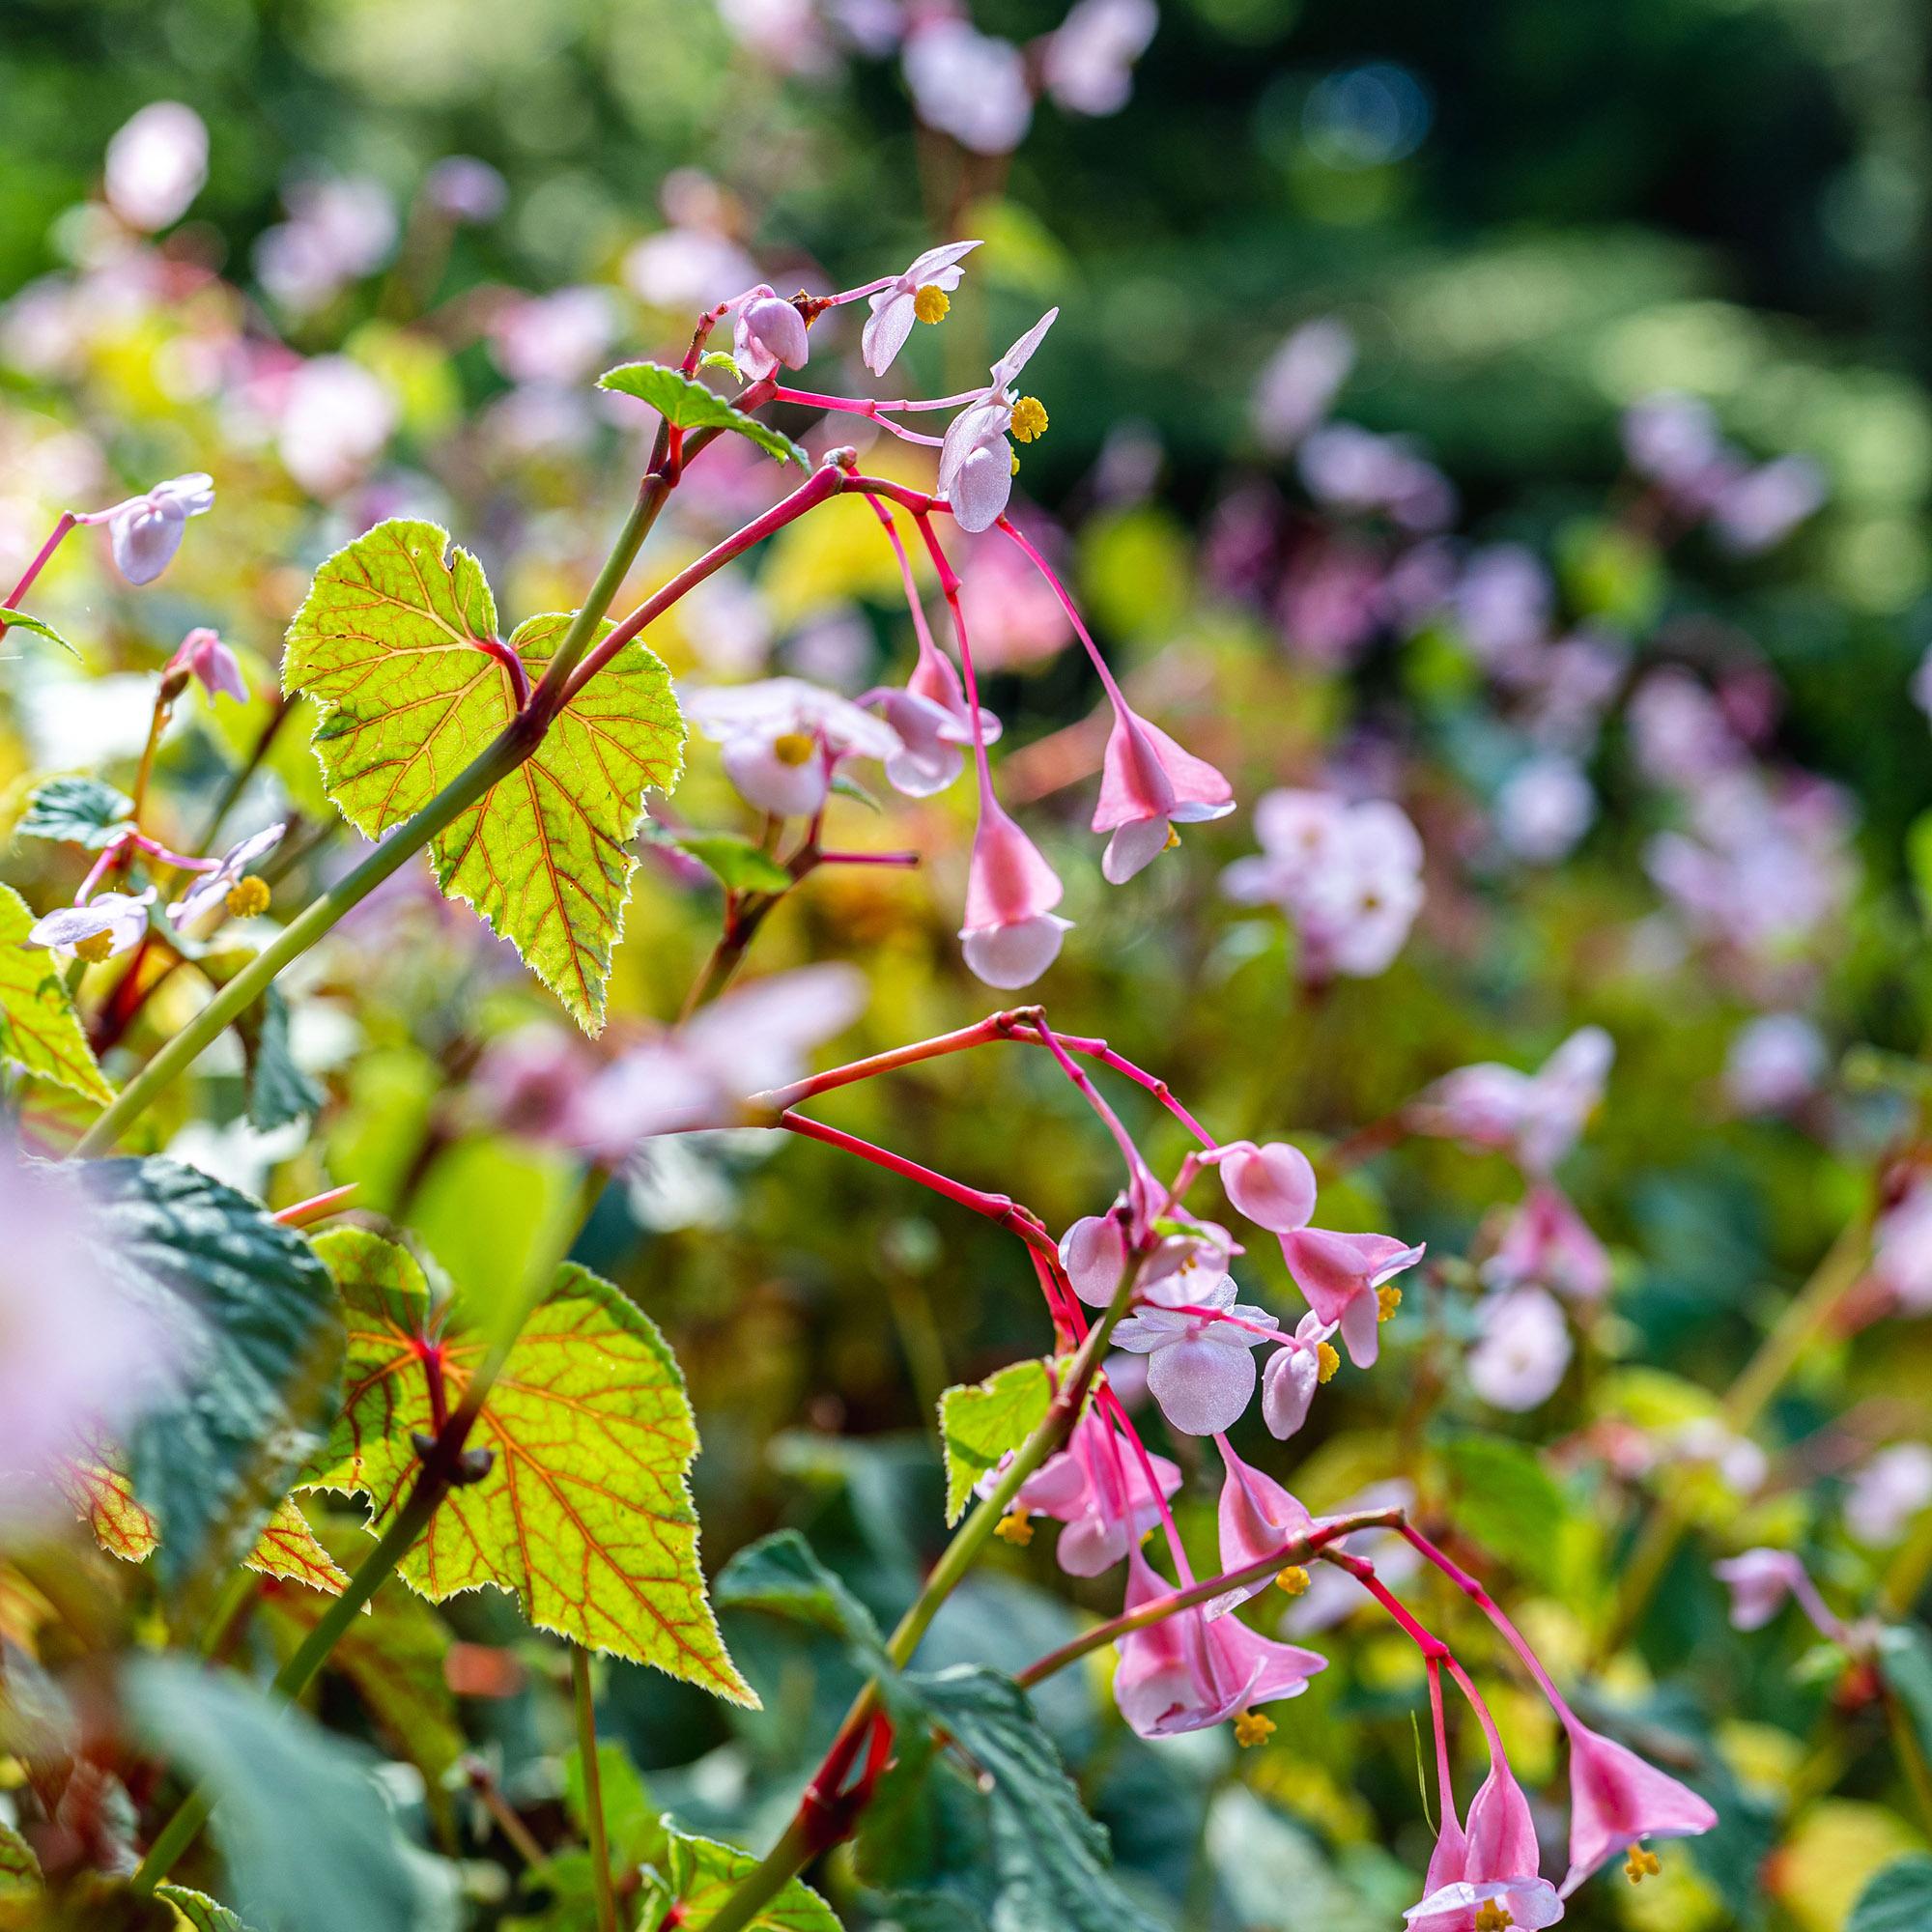 <em>Begonia grandis</em> ssp. <em>evansiana</em>